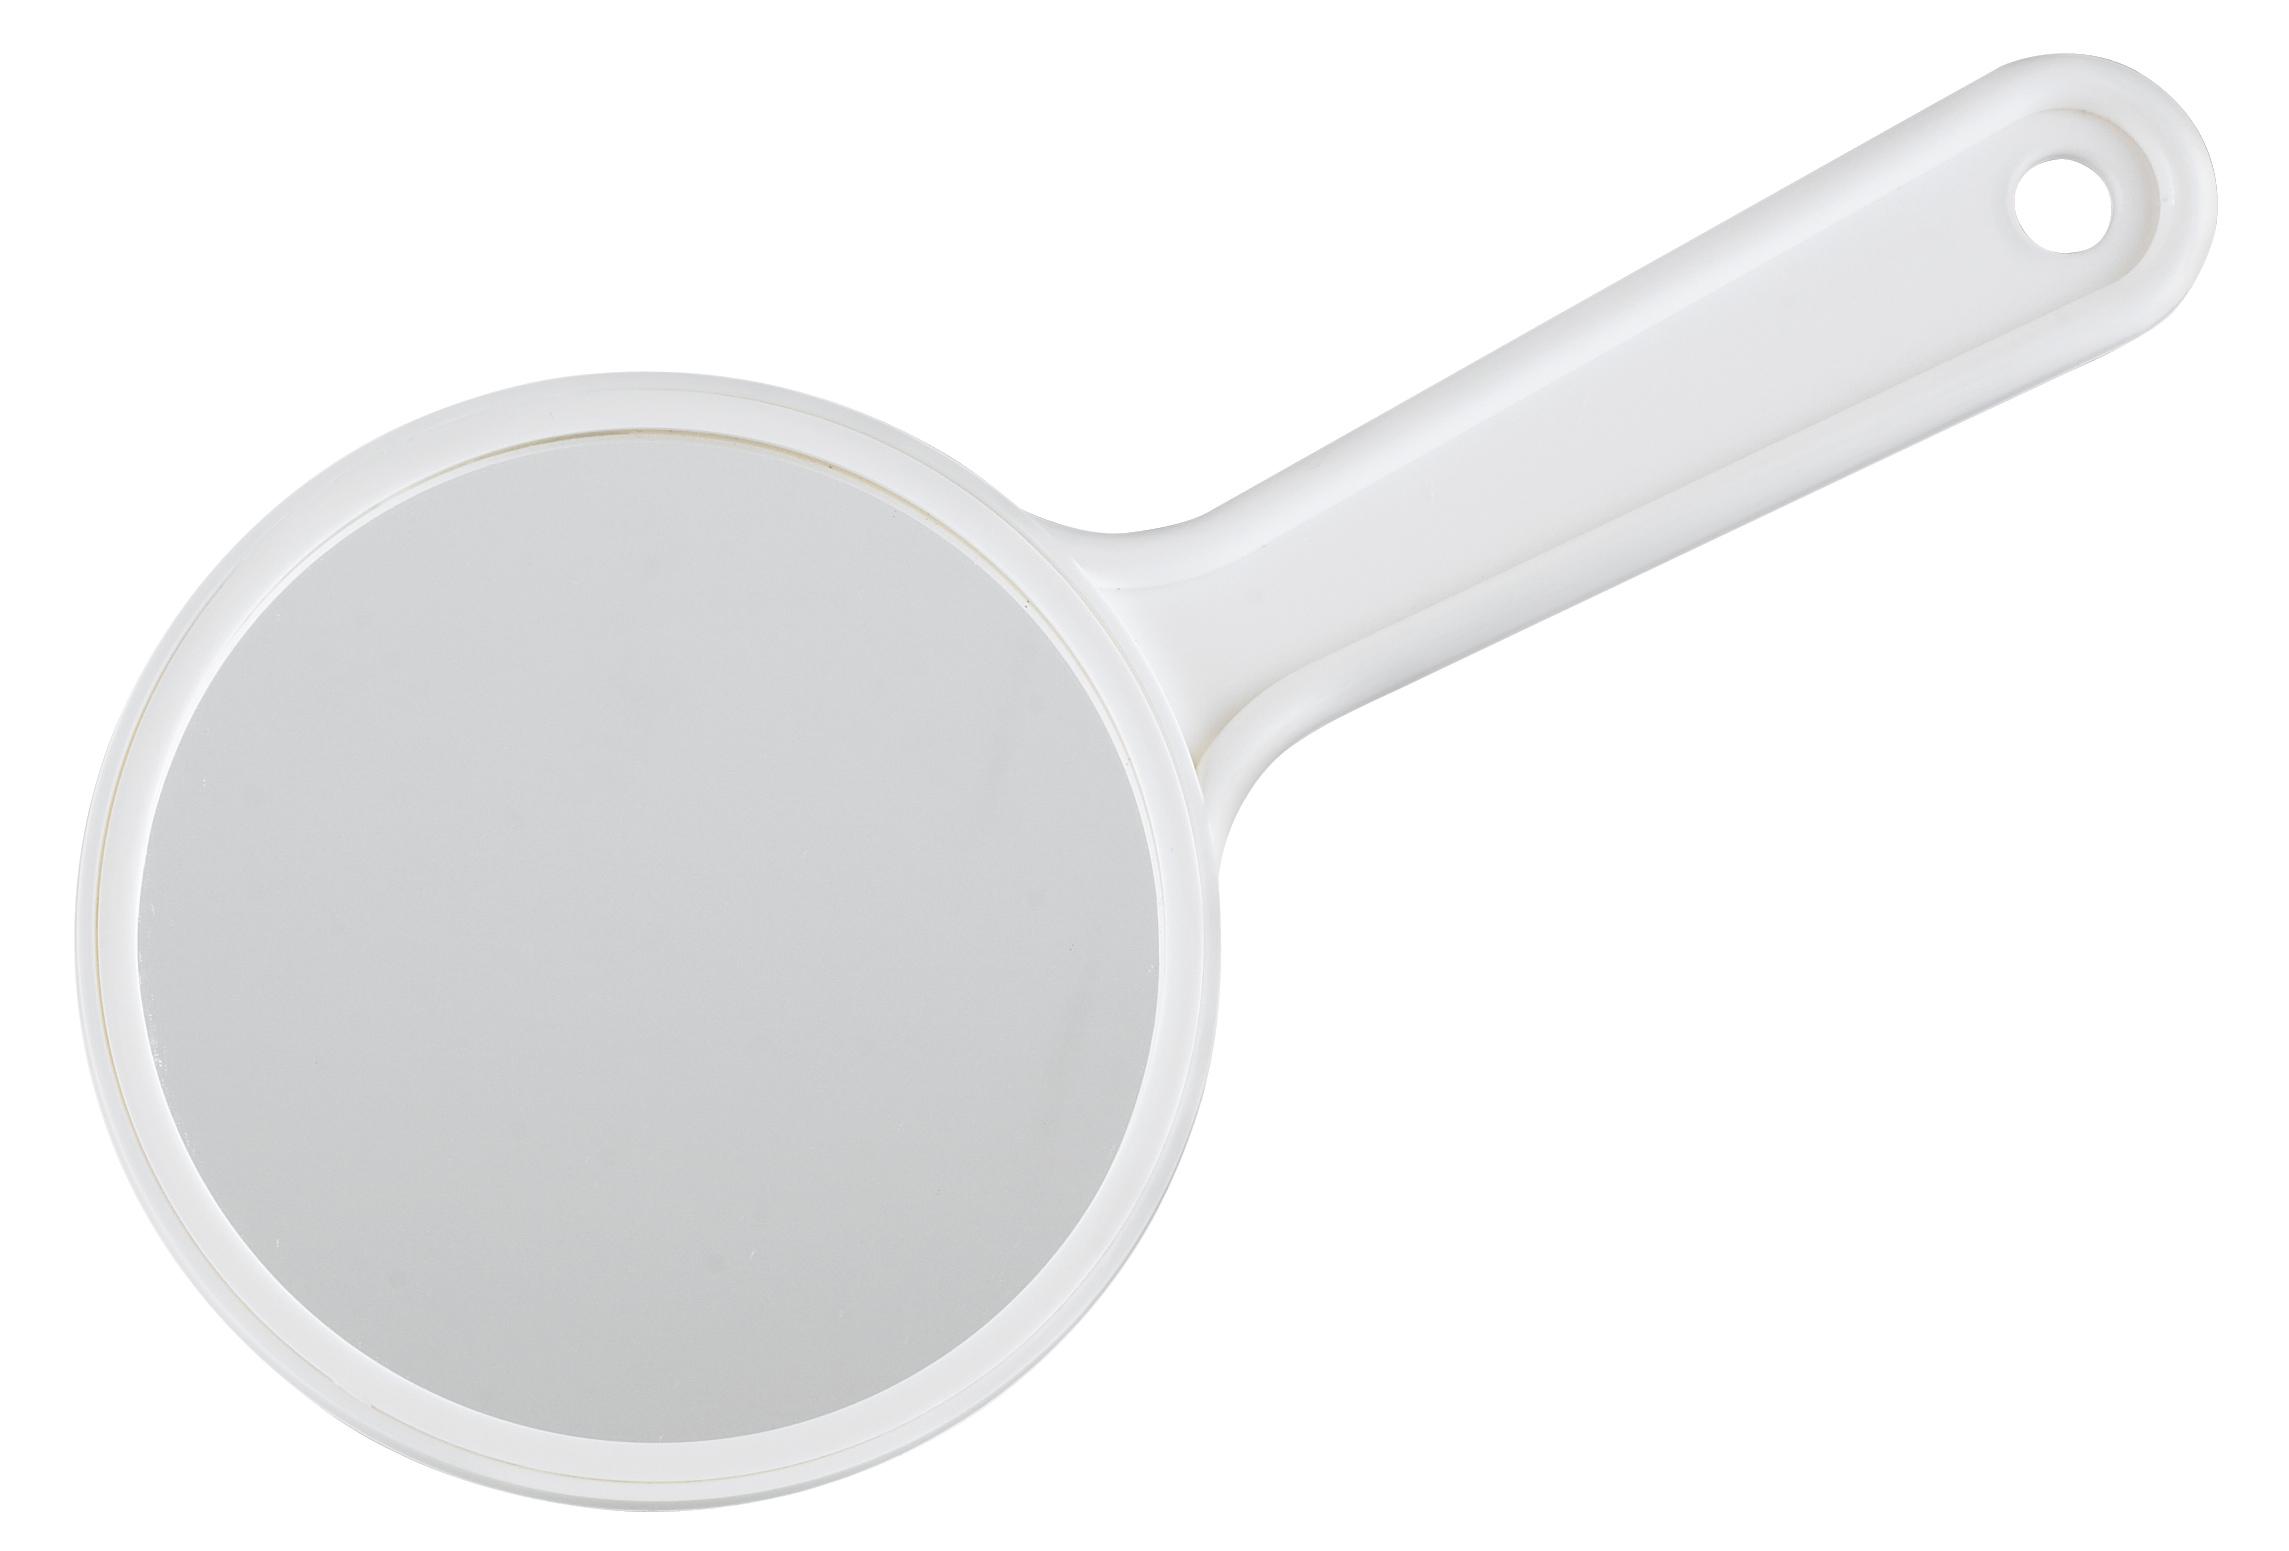 hand-mirror-801-3-1-2-017-26842-miltex.jpg